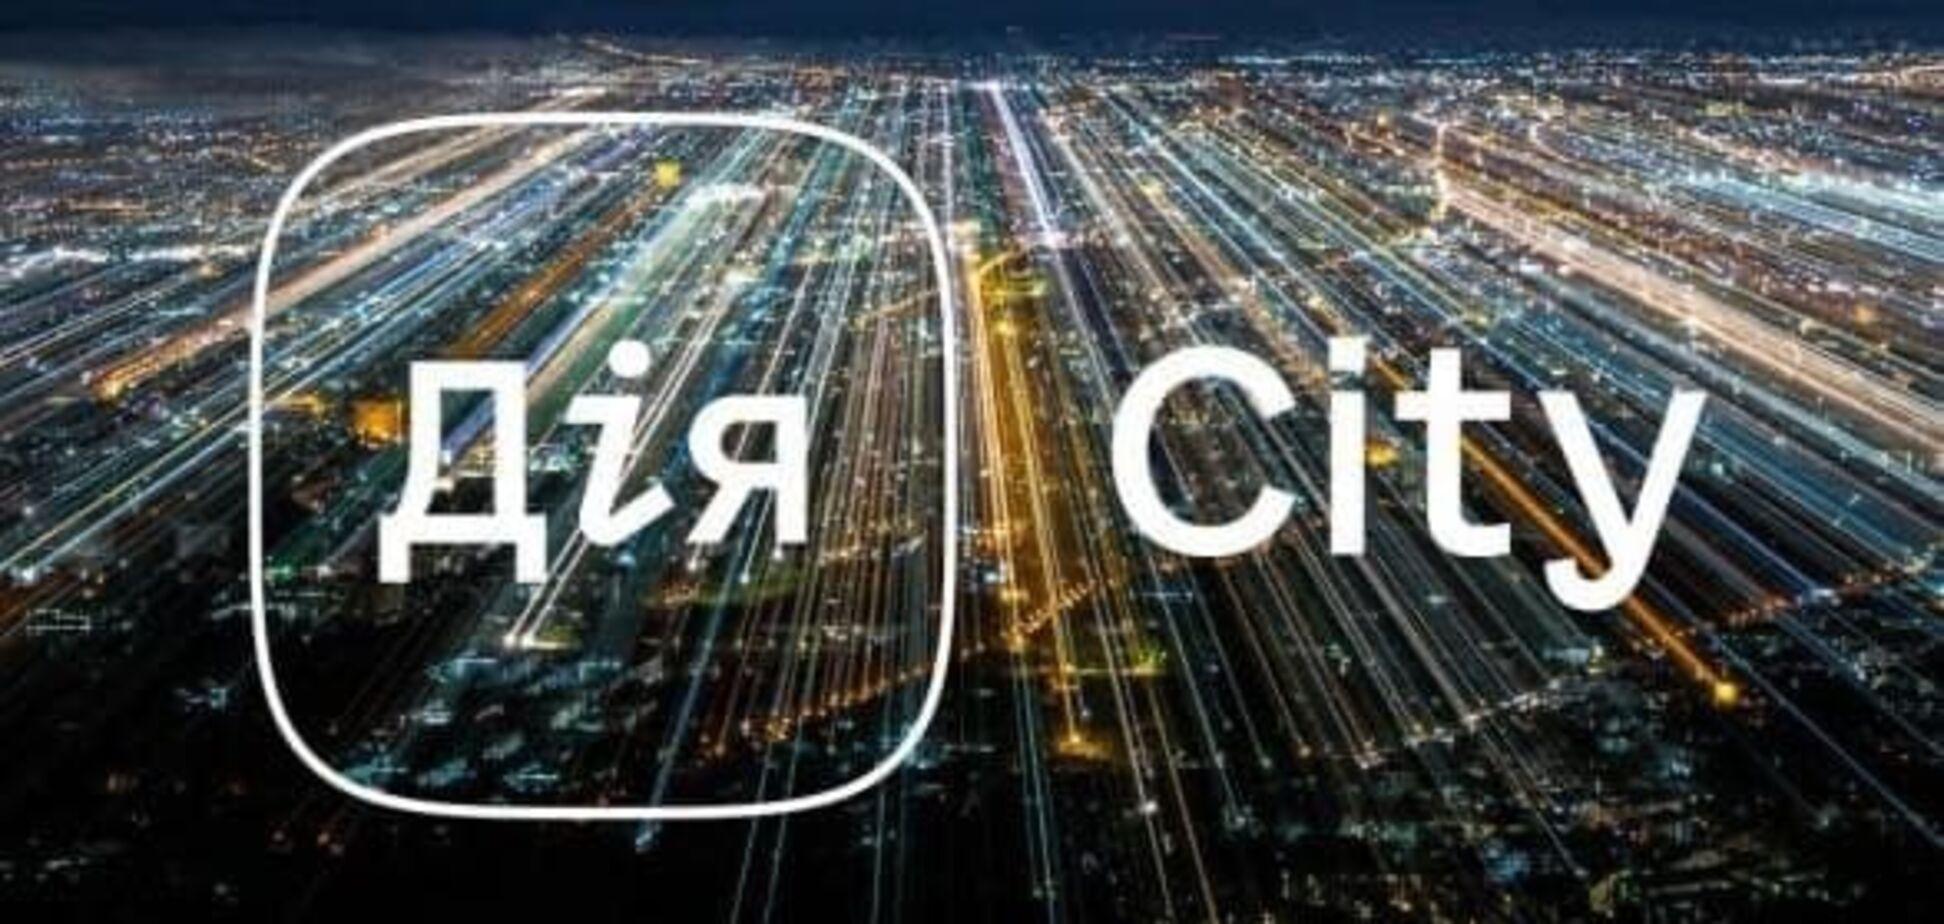 Представители ІТ-бизнеса выступили в поддержку 'Дія.City'